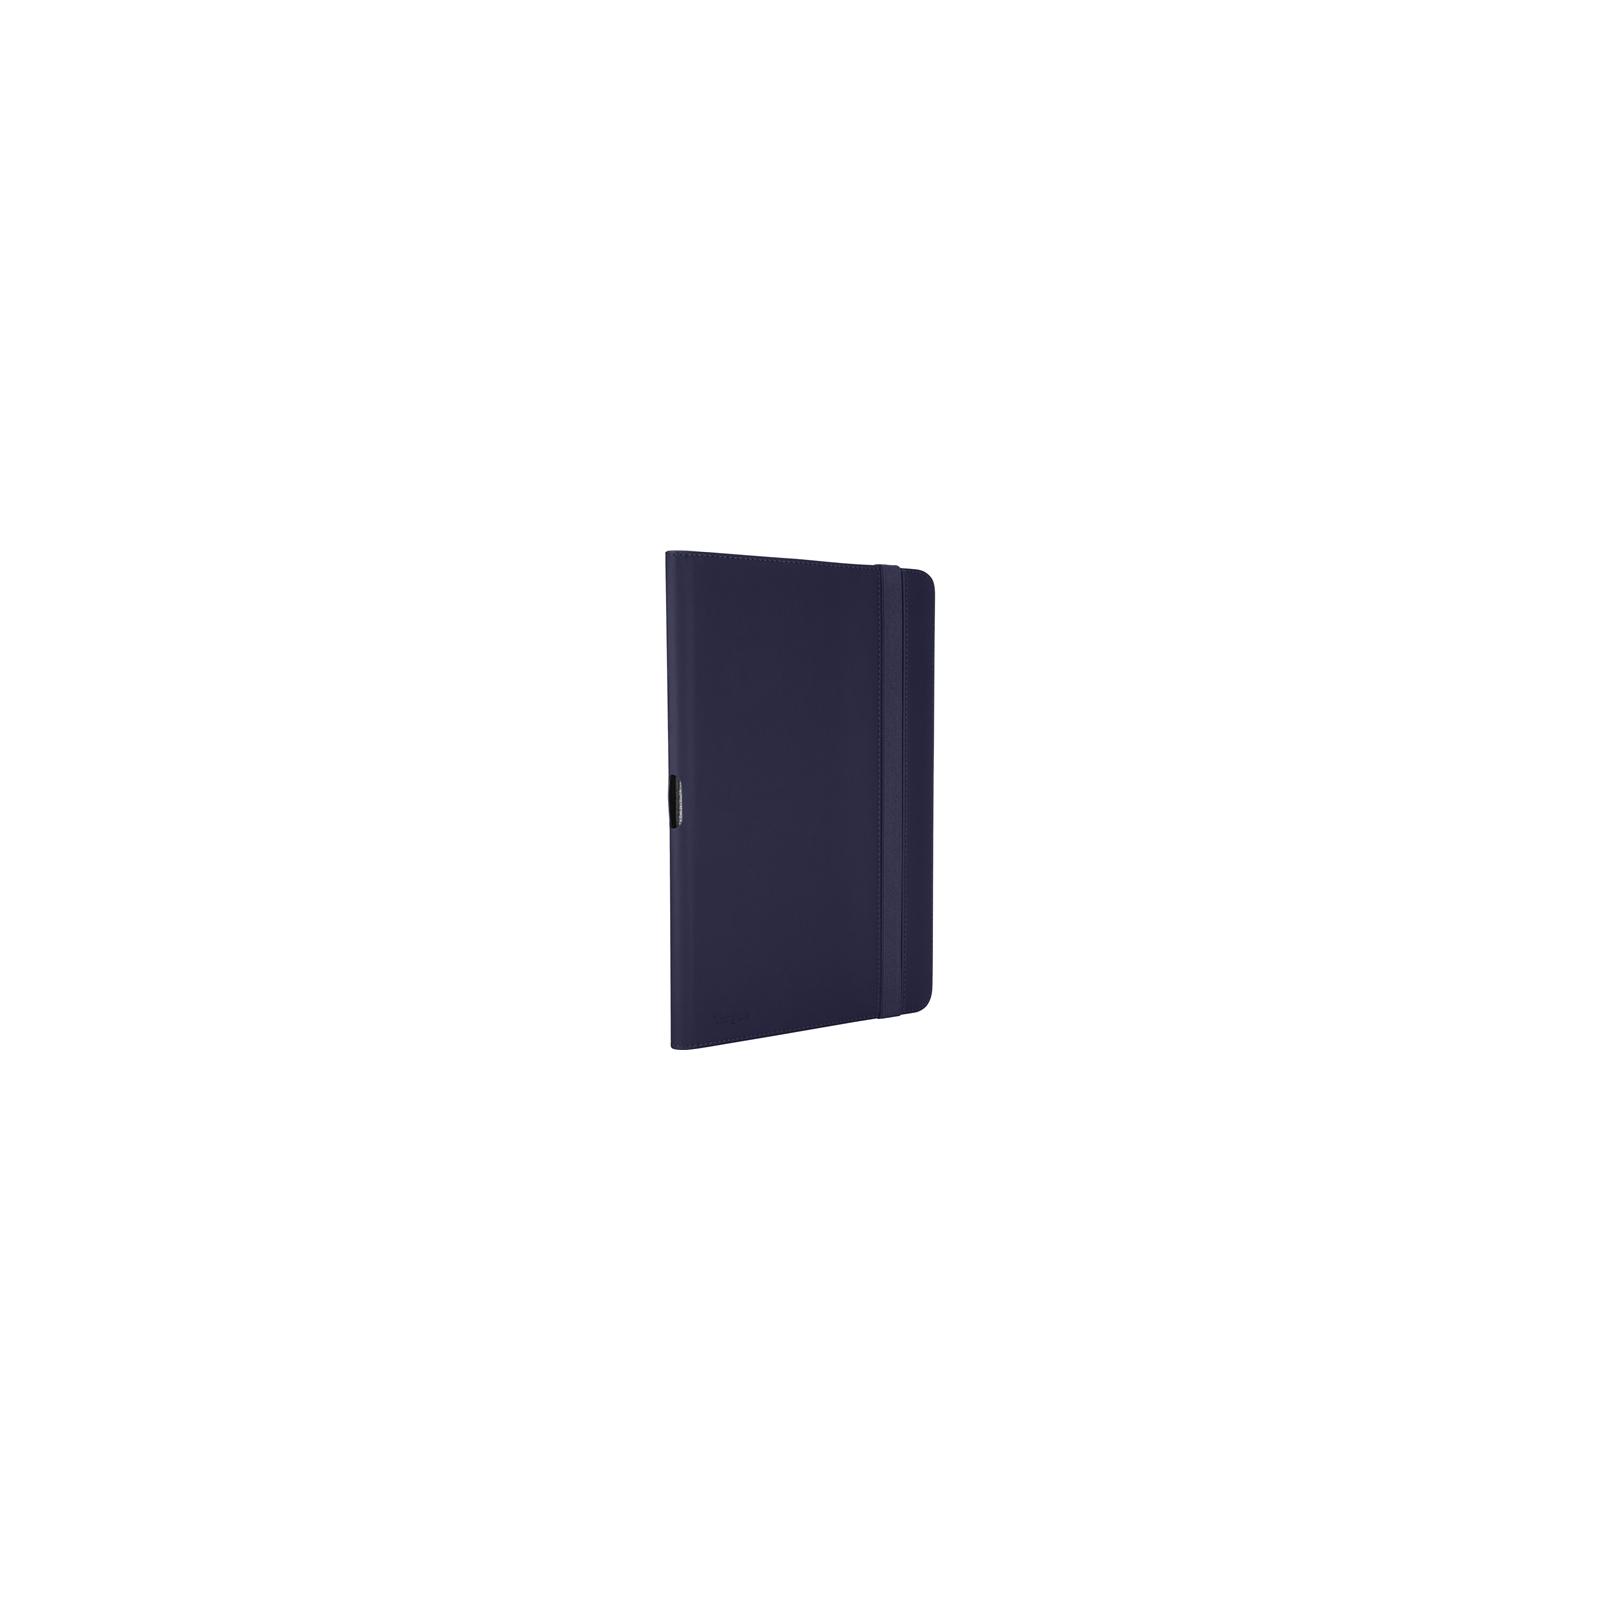 Чехол для планшета Targus 8 Galaxy Tab3 BLUE (THZ22901EU)